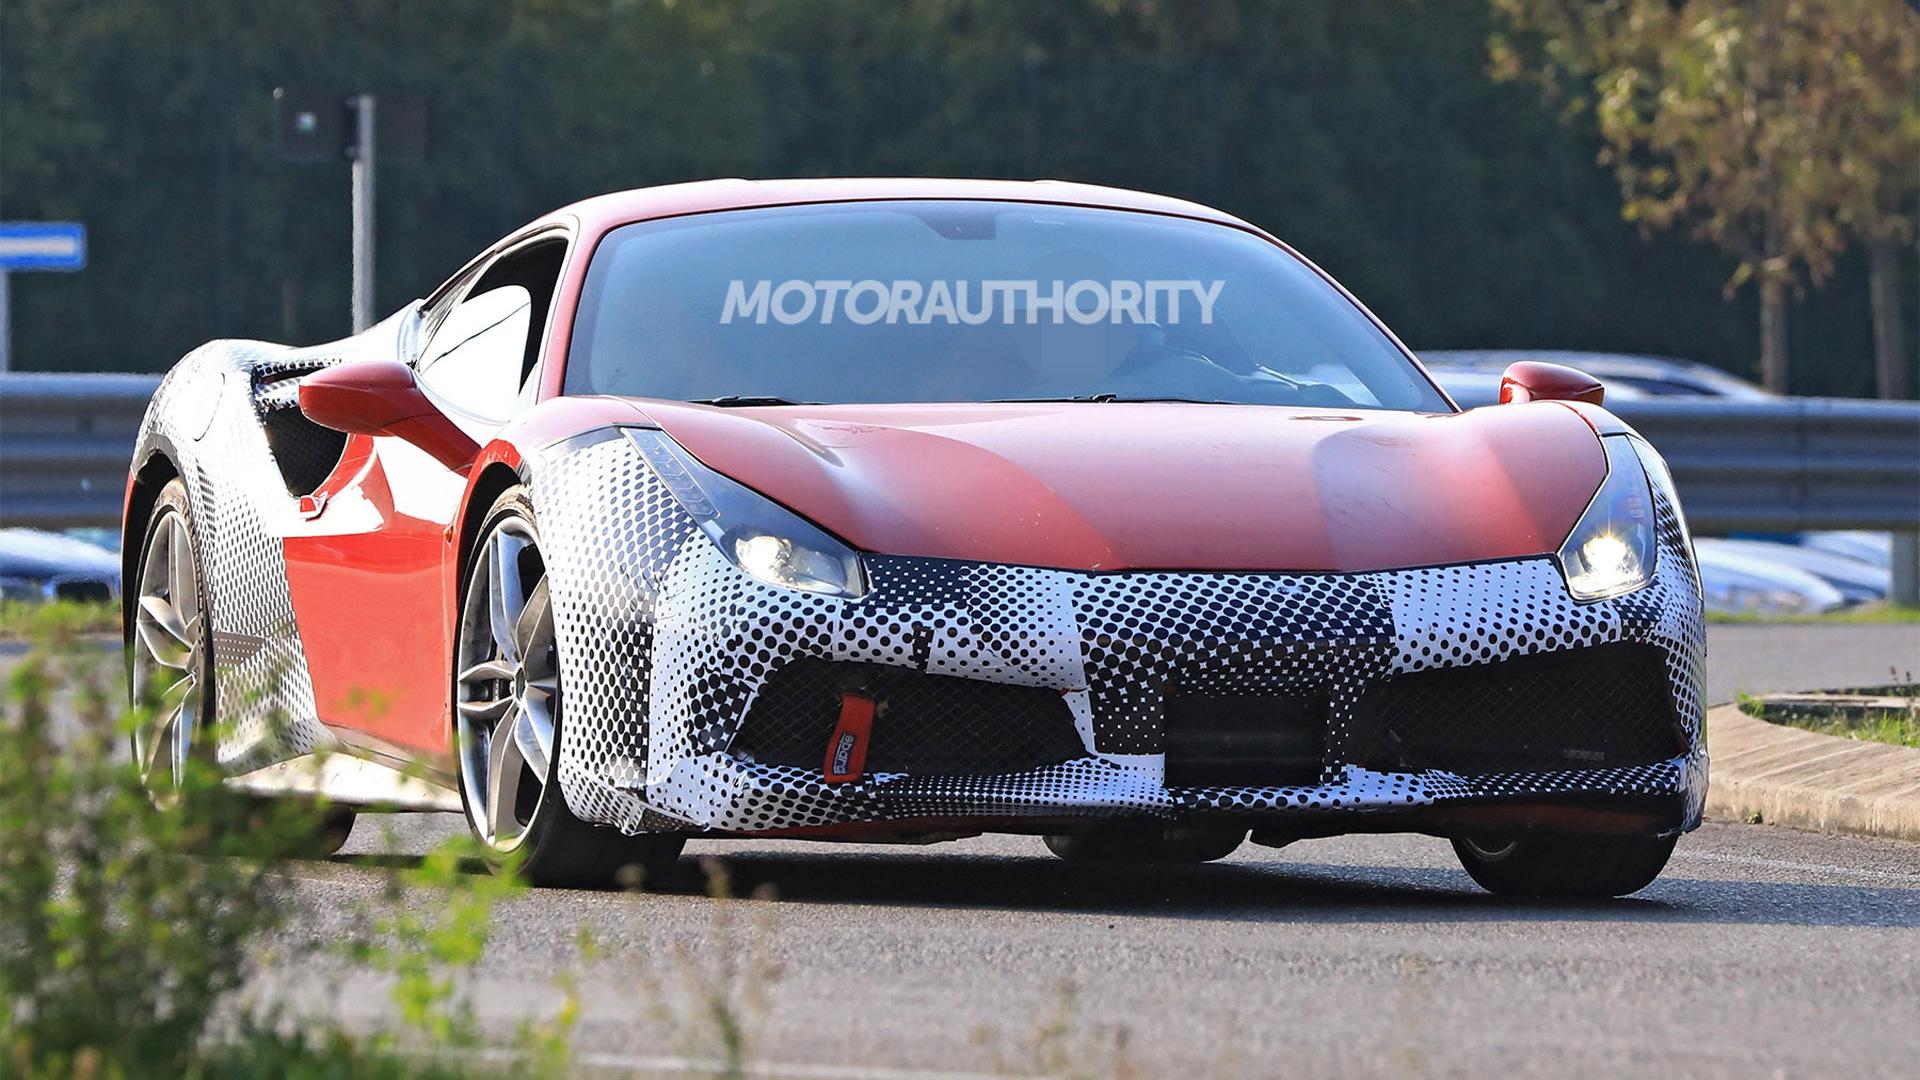 2019 Ferrari 488 GTO spy shots - Image via S. Baldauf/SB-Medien